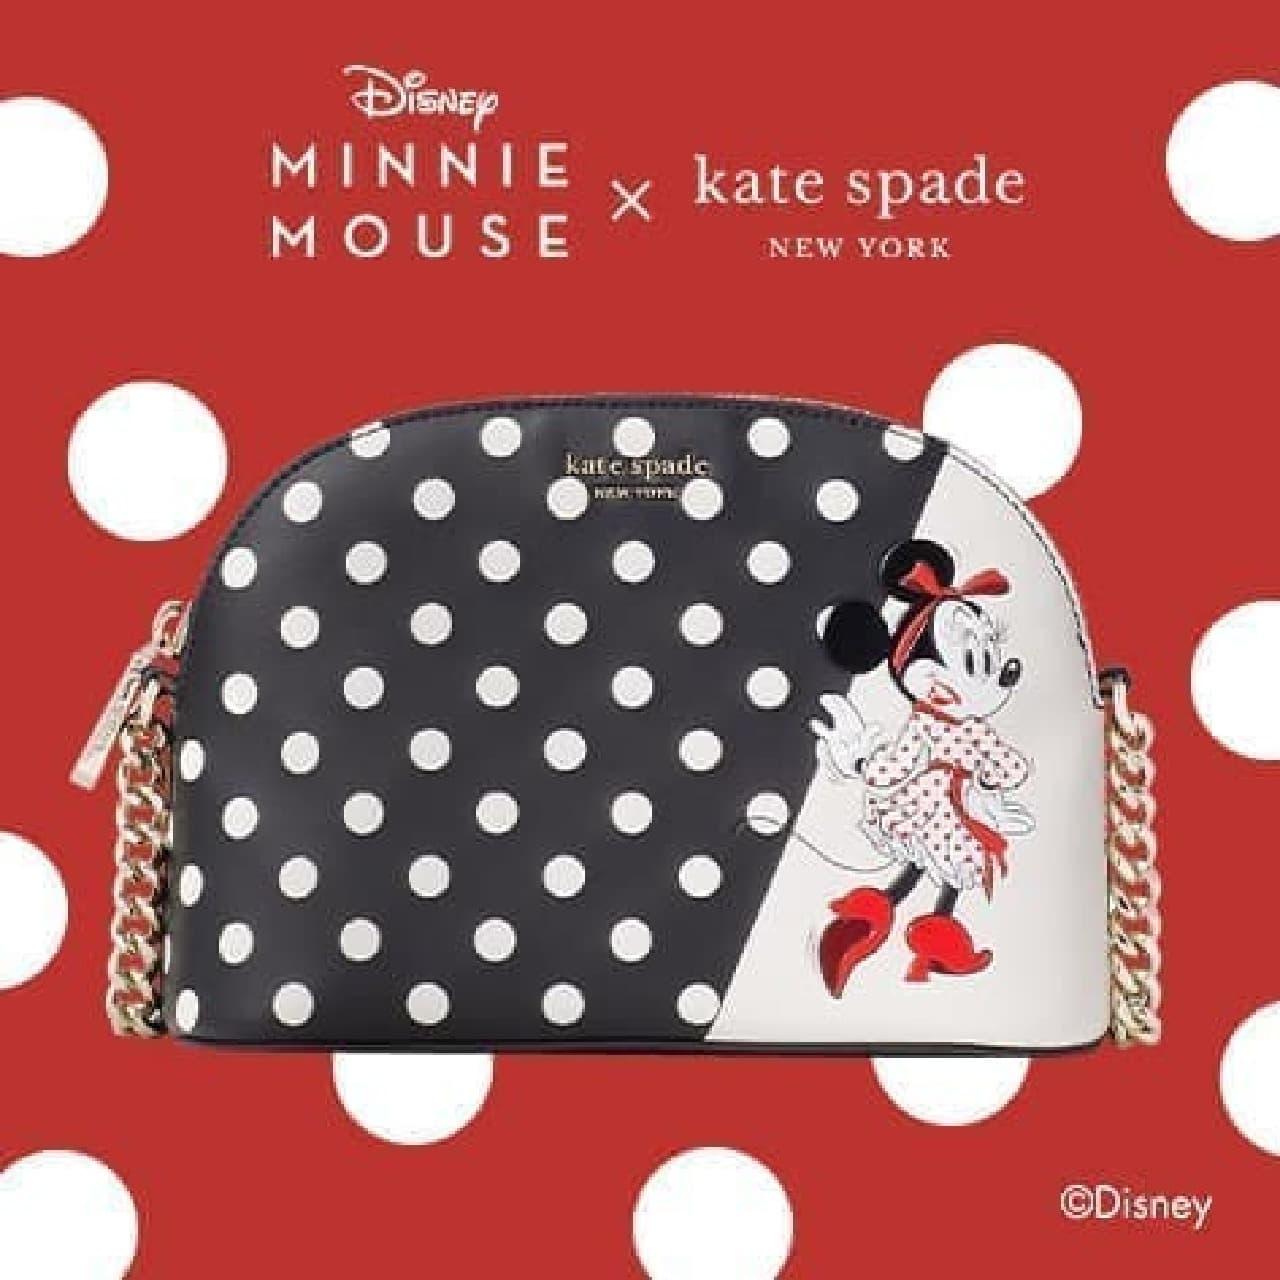 ディズニー×ケイト・スペード ミニーマウス コレクション